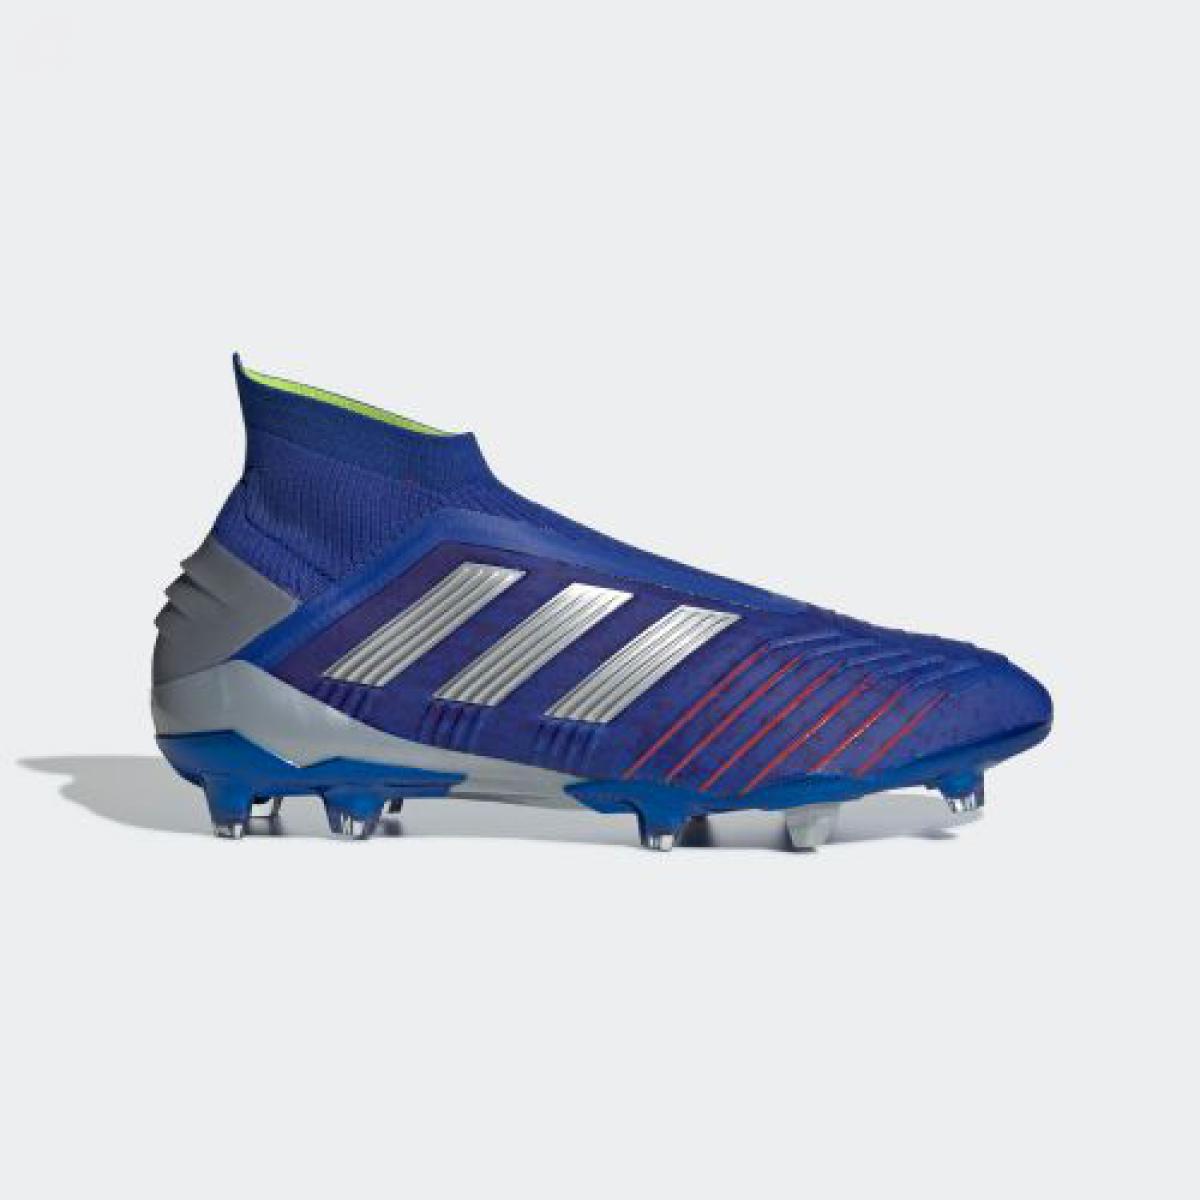 【公式】アディダス adidas プレデター 19+ FG/AG / 天然芝用 / 人工芝用 メンズ サッカー シューズ スパイク BB9087